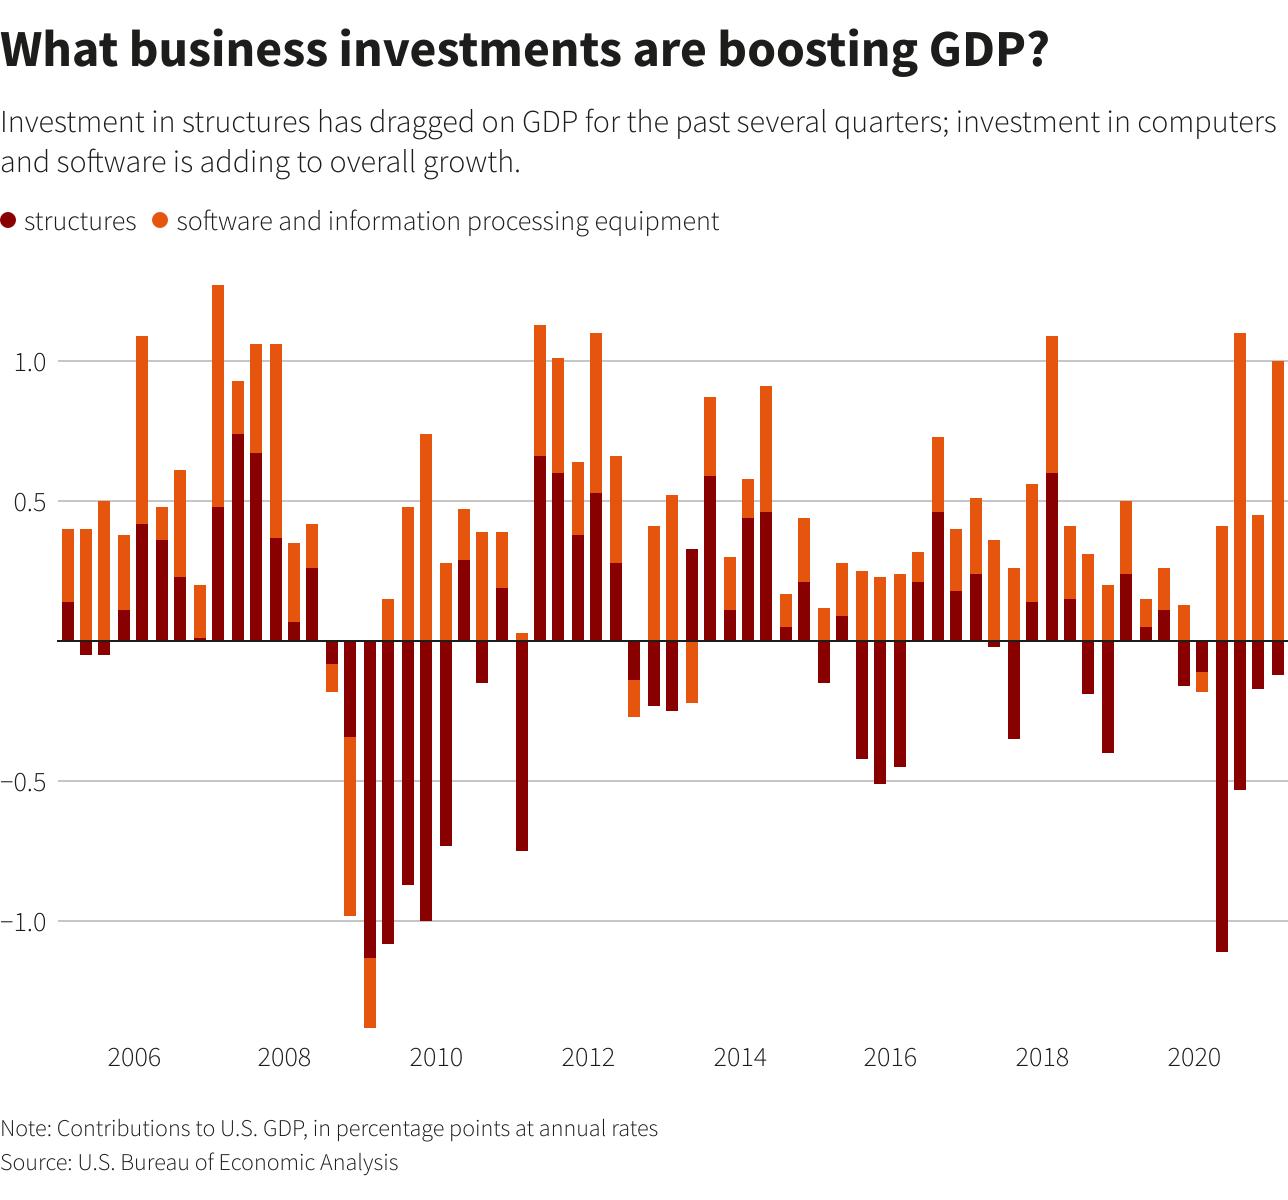 ग्राफिक: जीडीपी को बढ़ावा देने के लिए कौन से व्यावसायिक निवेश हैं?